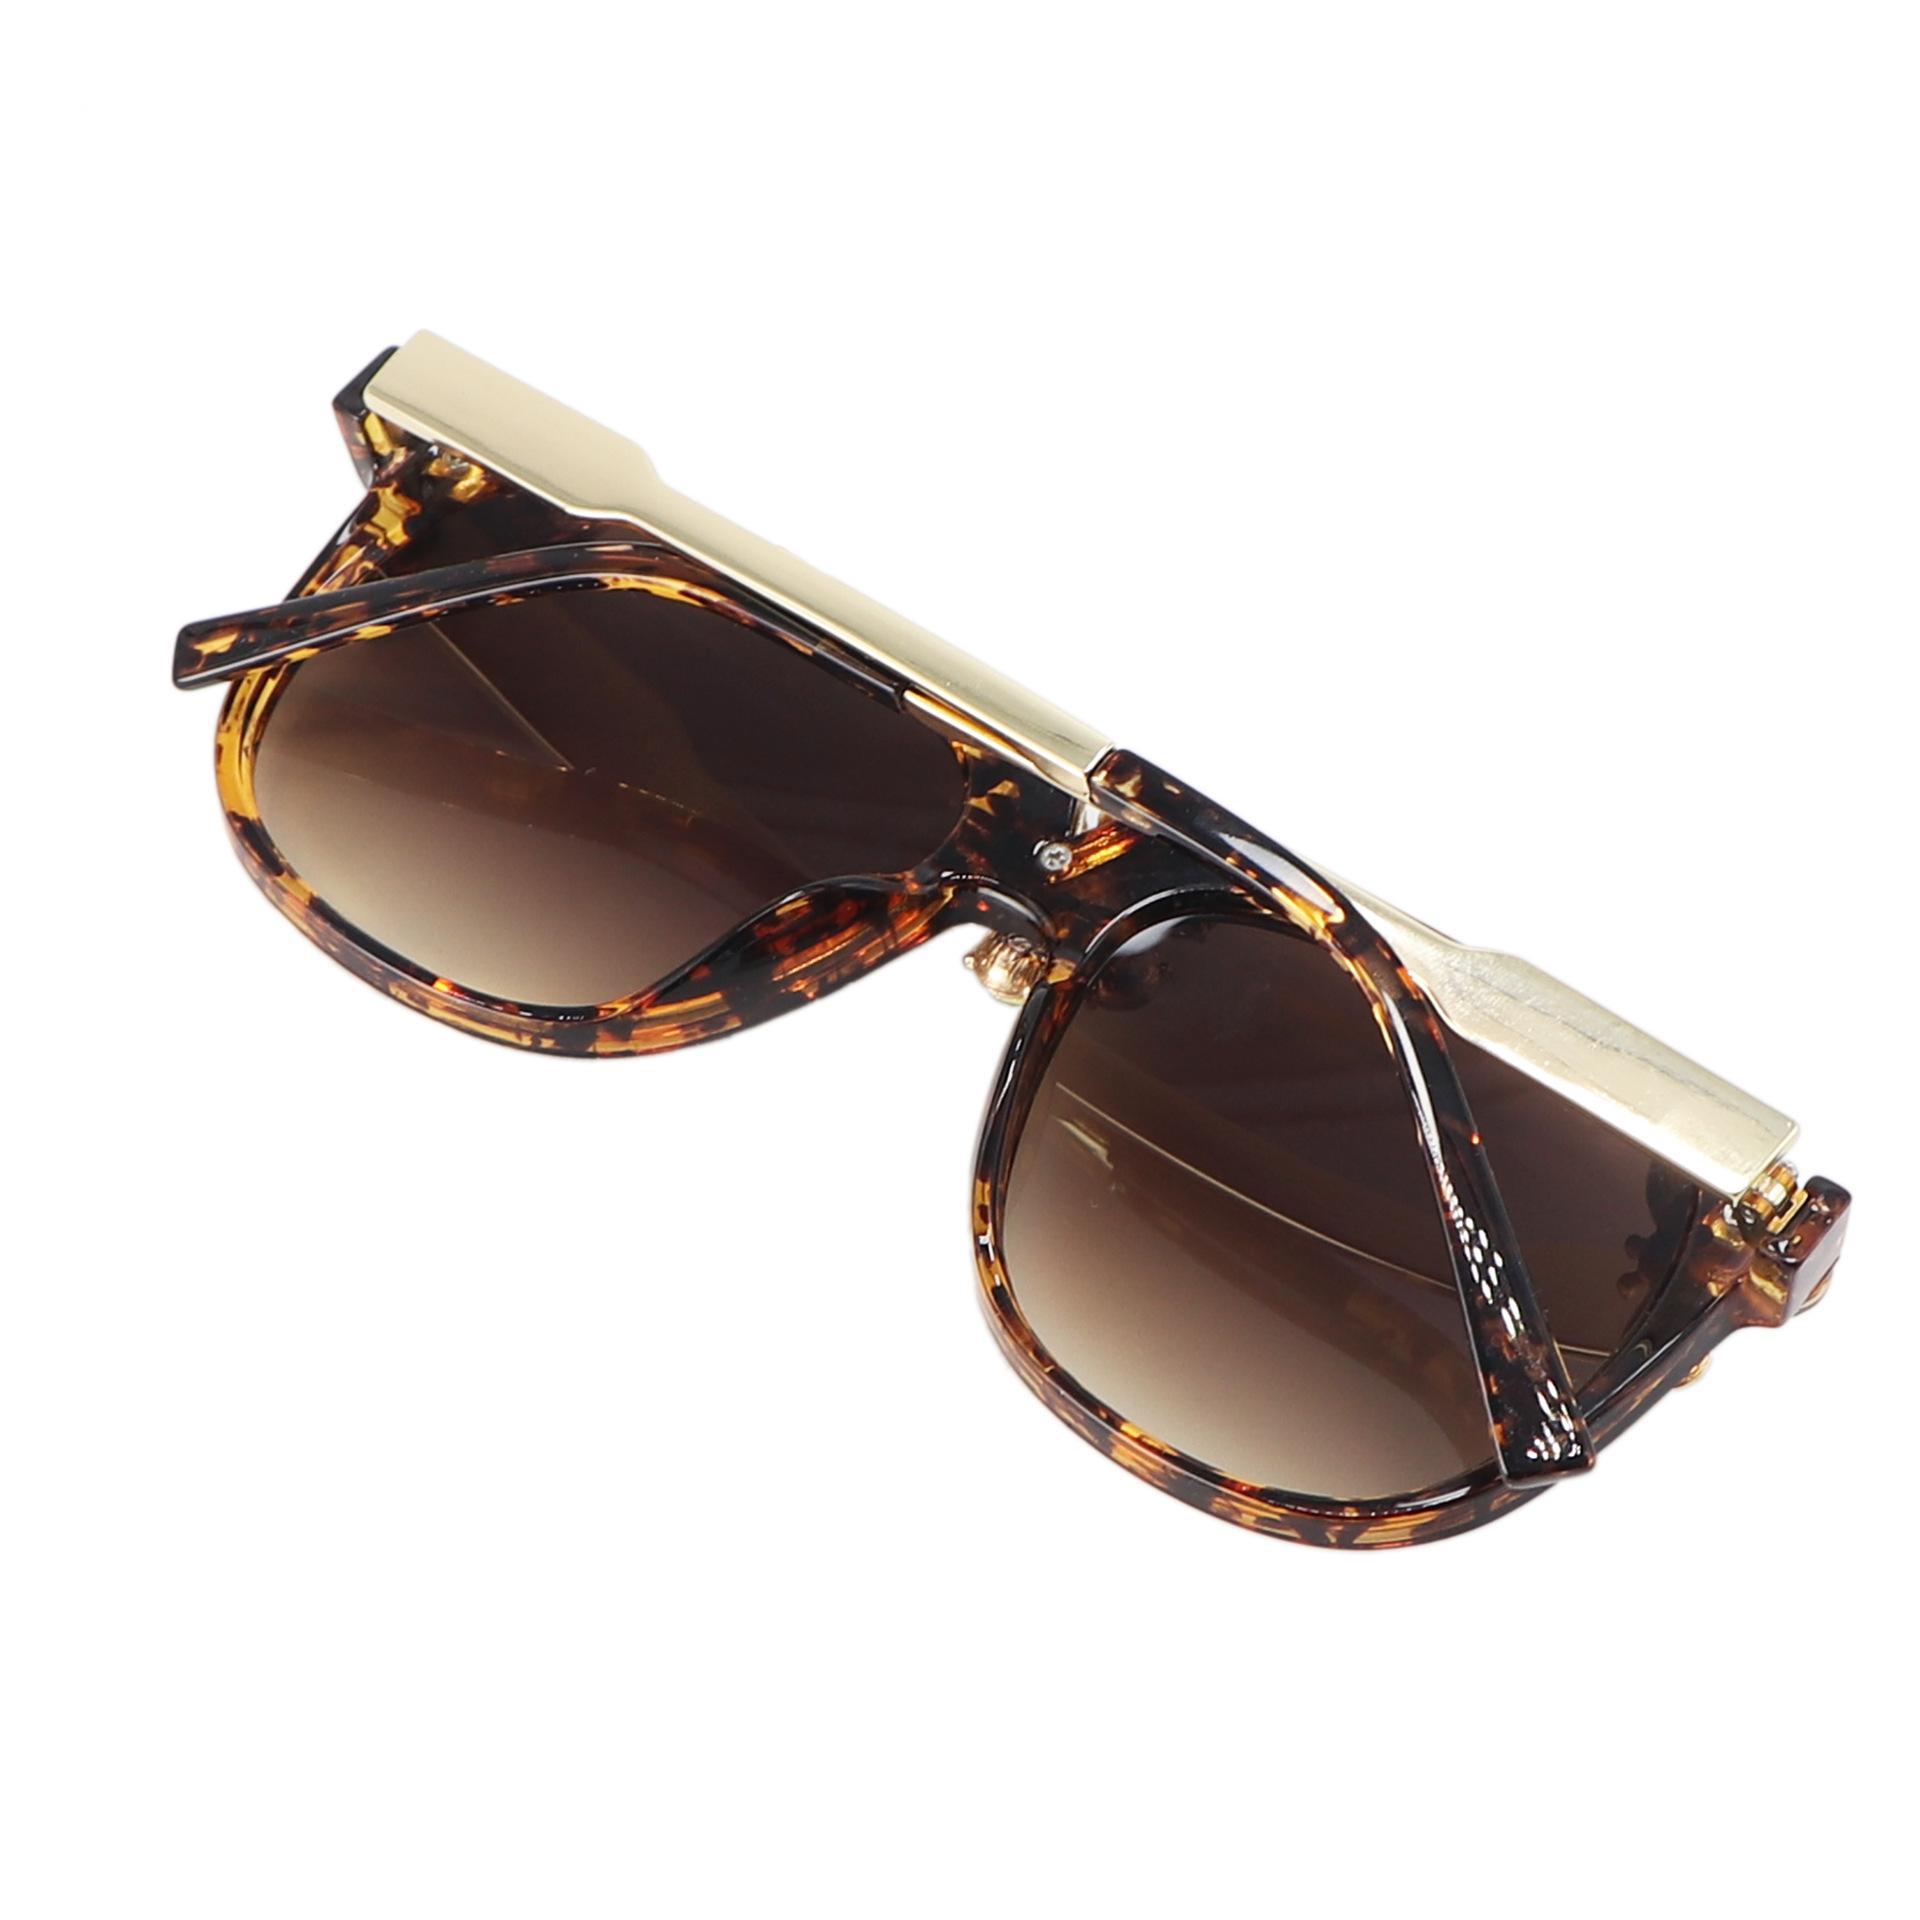 Big Lands Time-Limited Gafas de sol Limites Sunglasses Personalidad Coloridos diseñadores Nuevo Galaxian Photograp Photograp Ventas Street Feat Hxmd